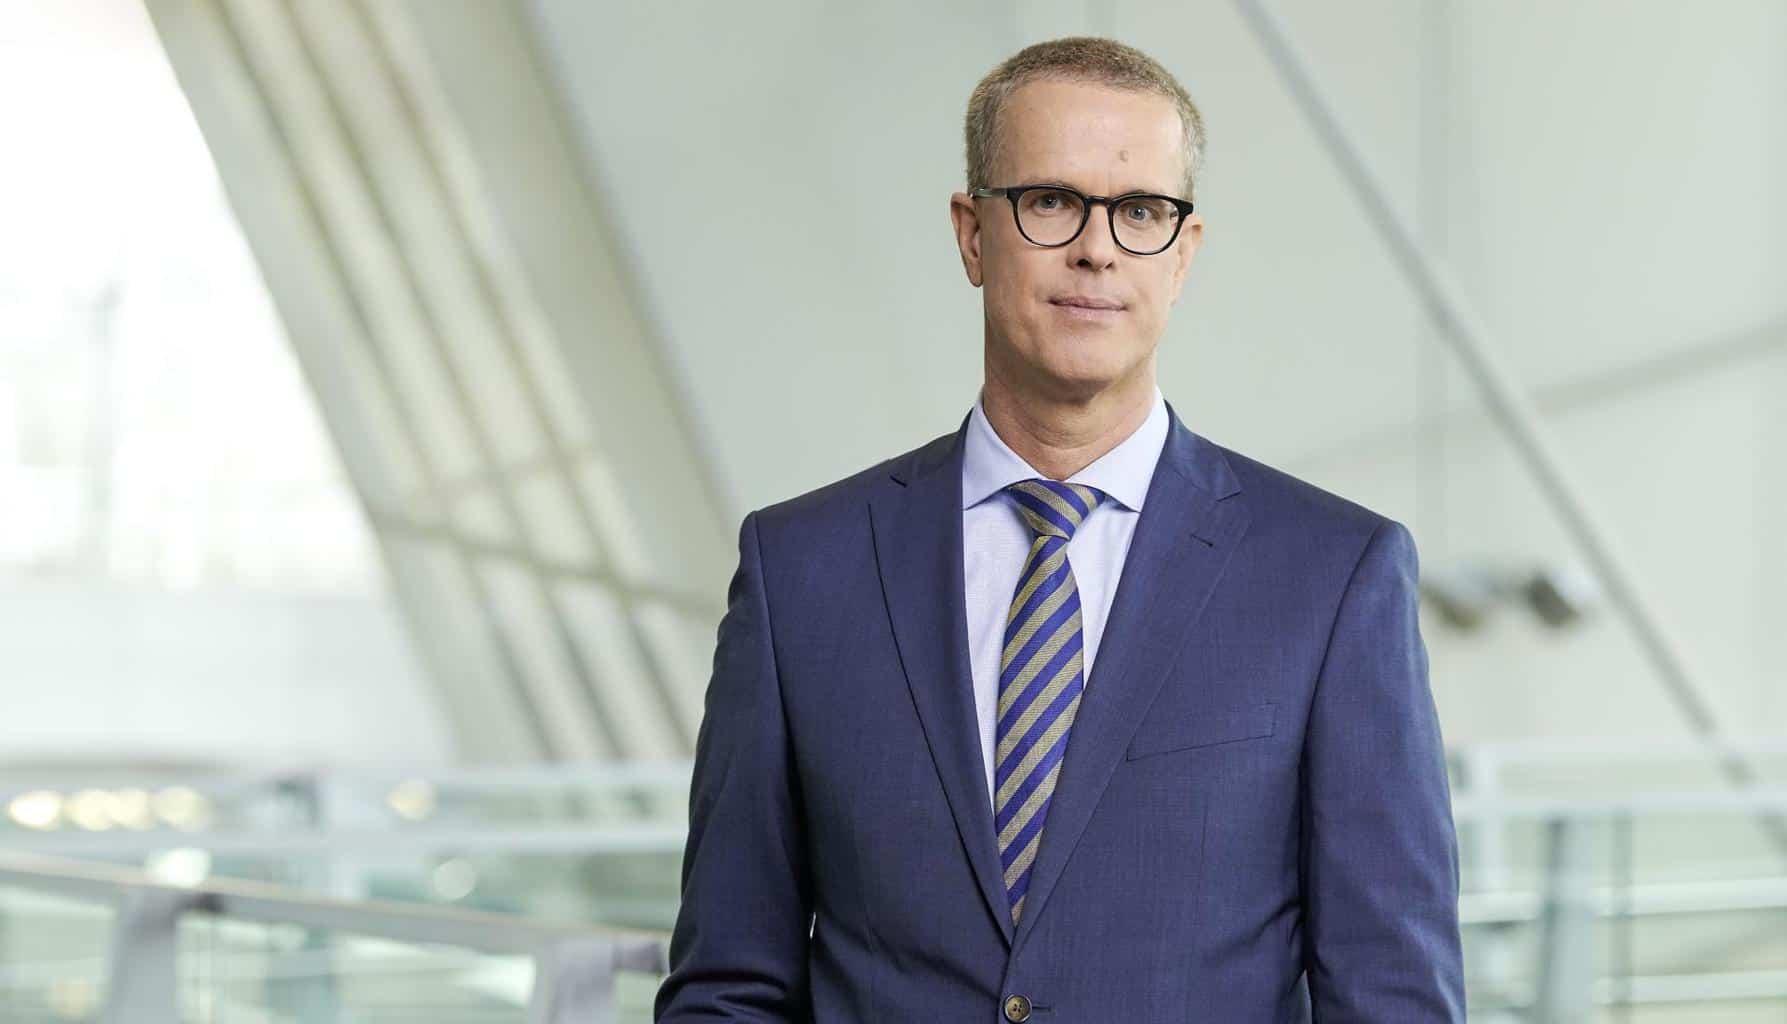 Wie BMWs Entwicklungsvorstand die E-Mobilität vorantreiben will